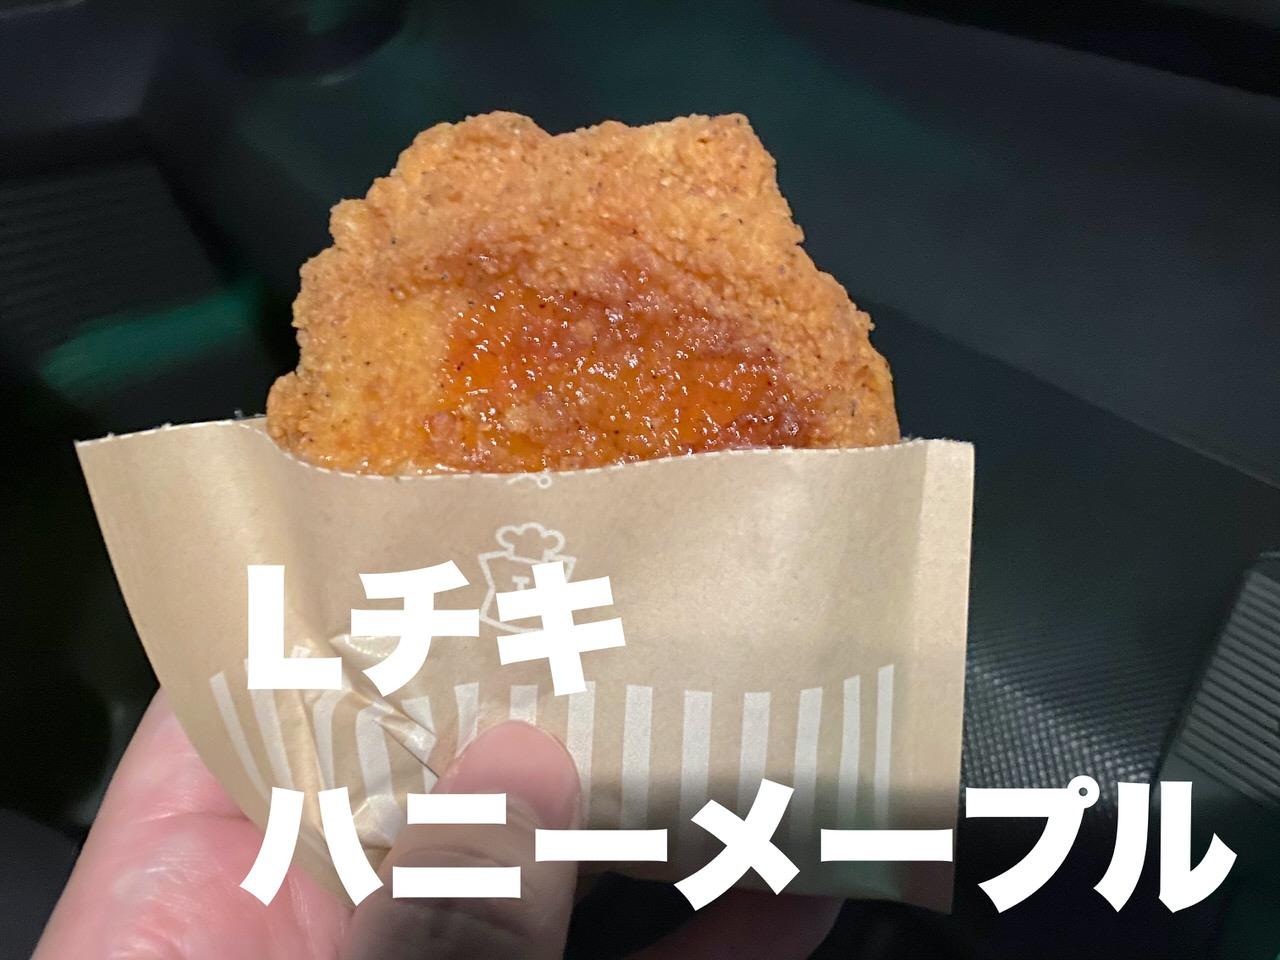 【ローソン】甘じょっぱさがクセになる「Lチキ ハニーメープル味」